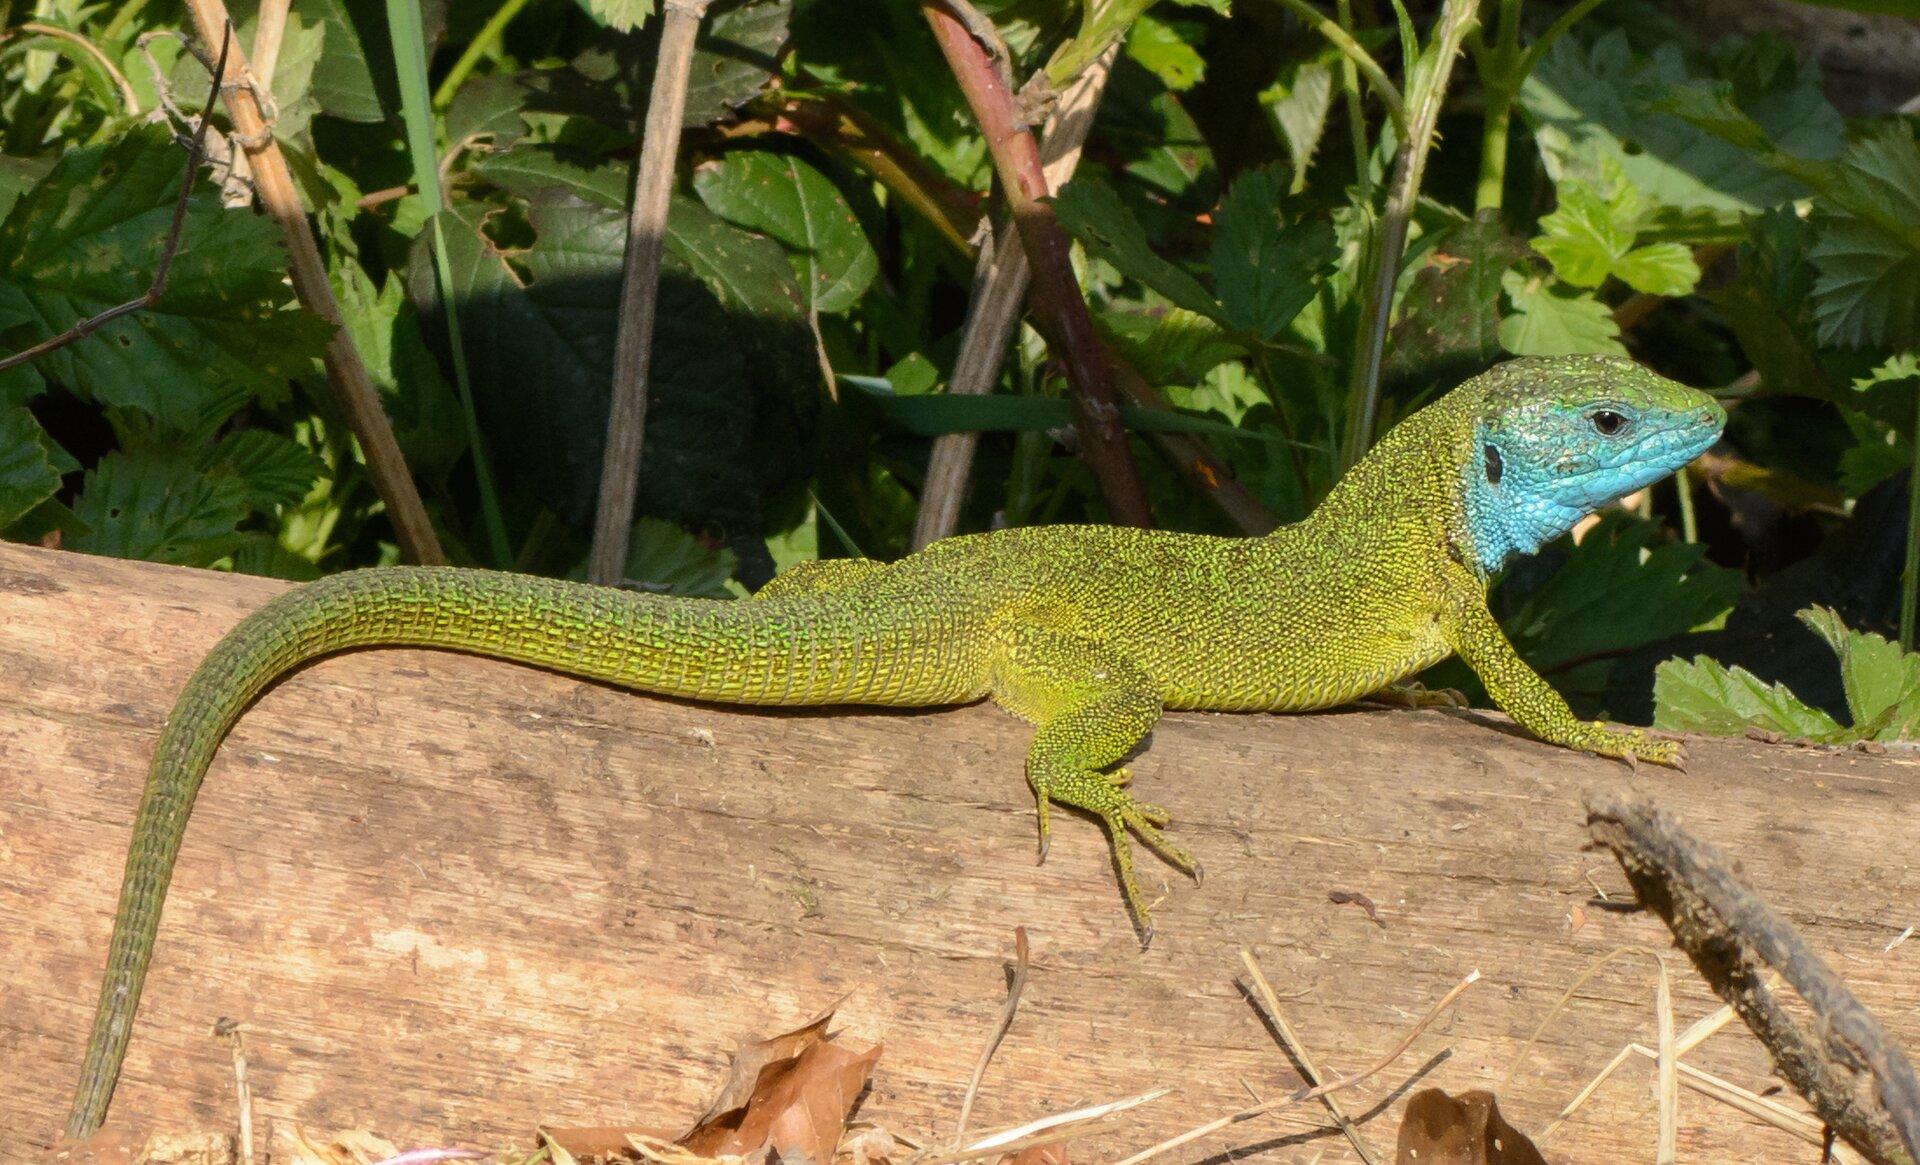 Fotografia przedstawia jaszczurkę zieloną na kawałku drewna między kamieniami. Stoi wlewo zopuszczoną głową zniebieskim podgardlem. Reszta ciała zielona. Ma krótkie łapy zdługimi palcami. Na ciele wyraźne łuski, na ogonie ułożone wpierścienie.